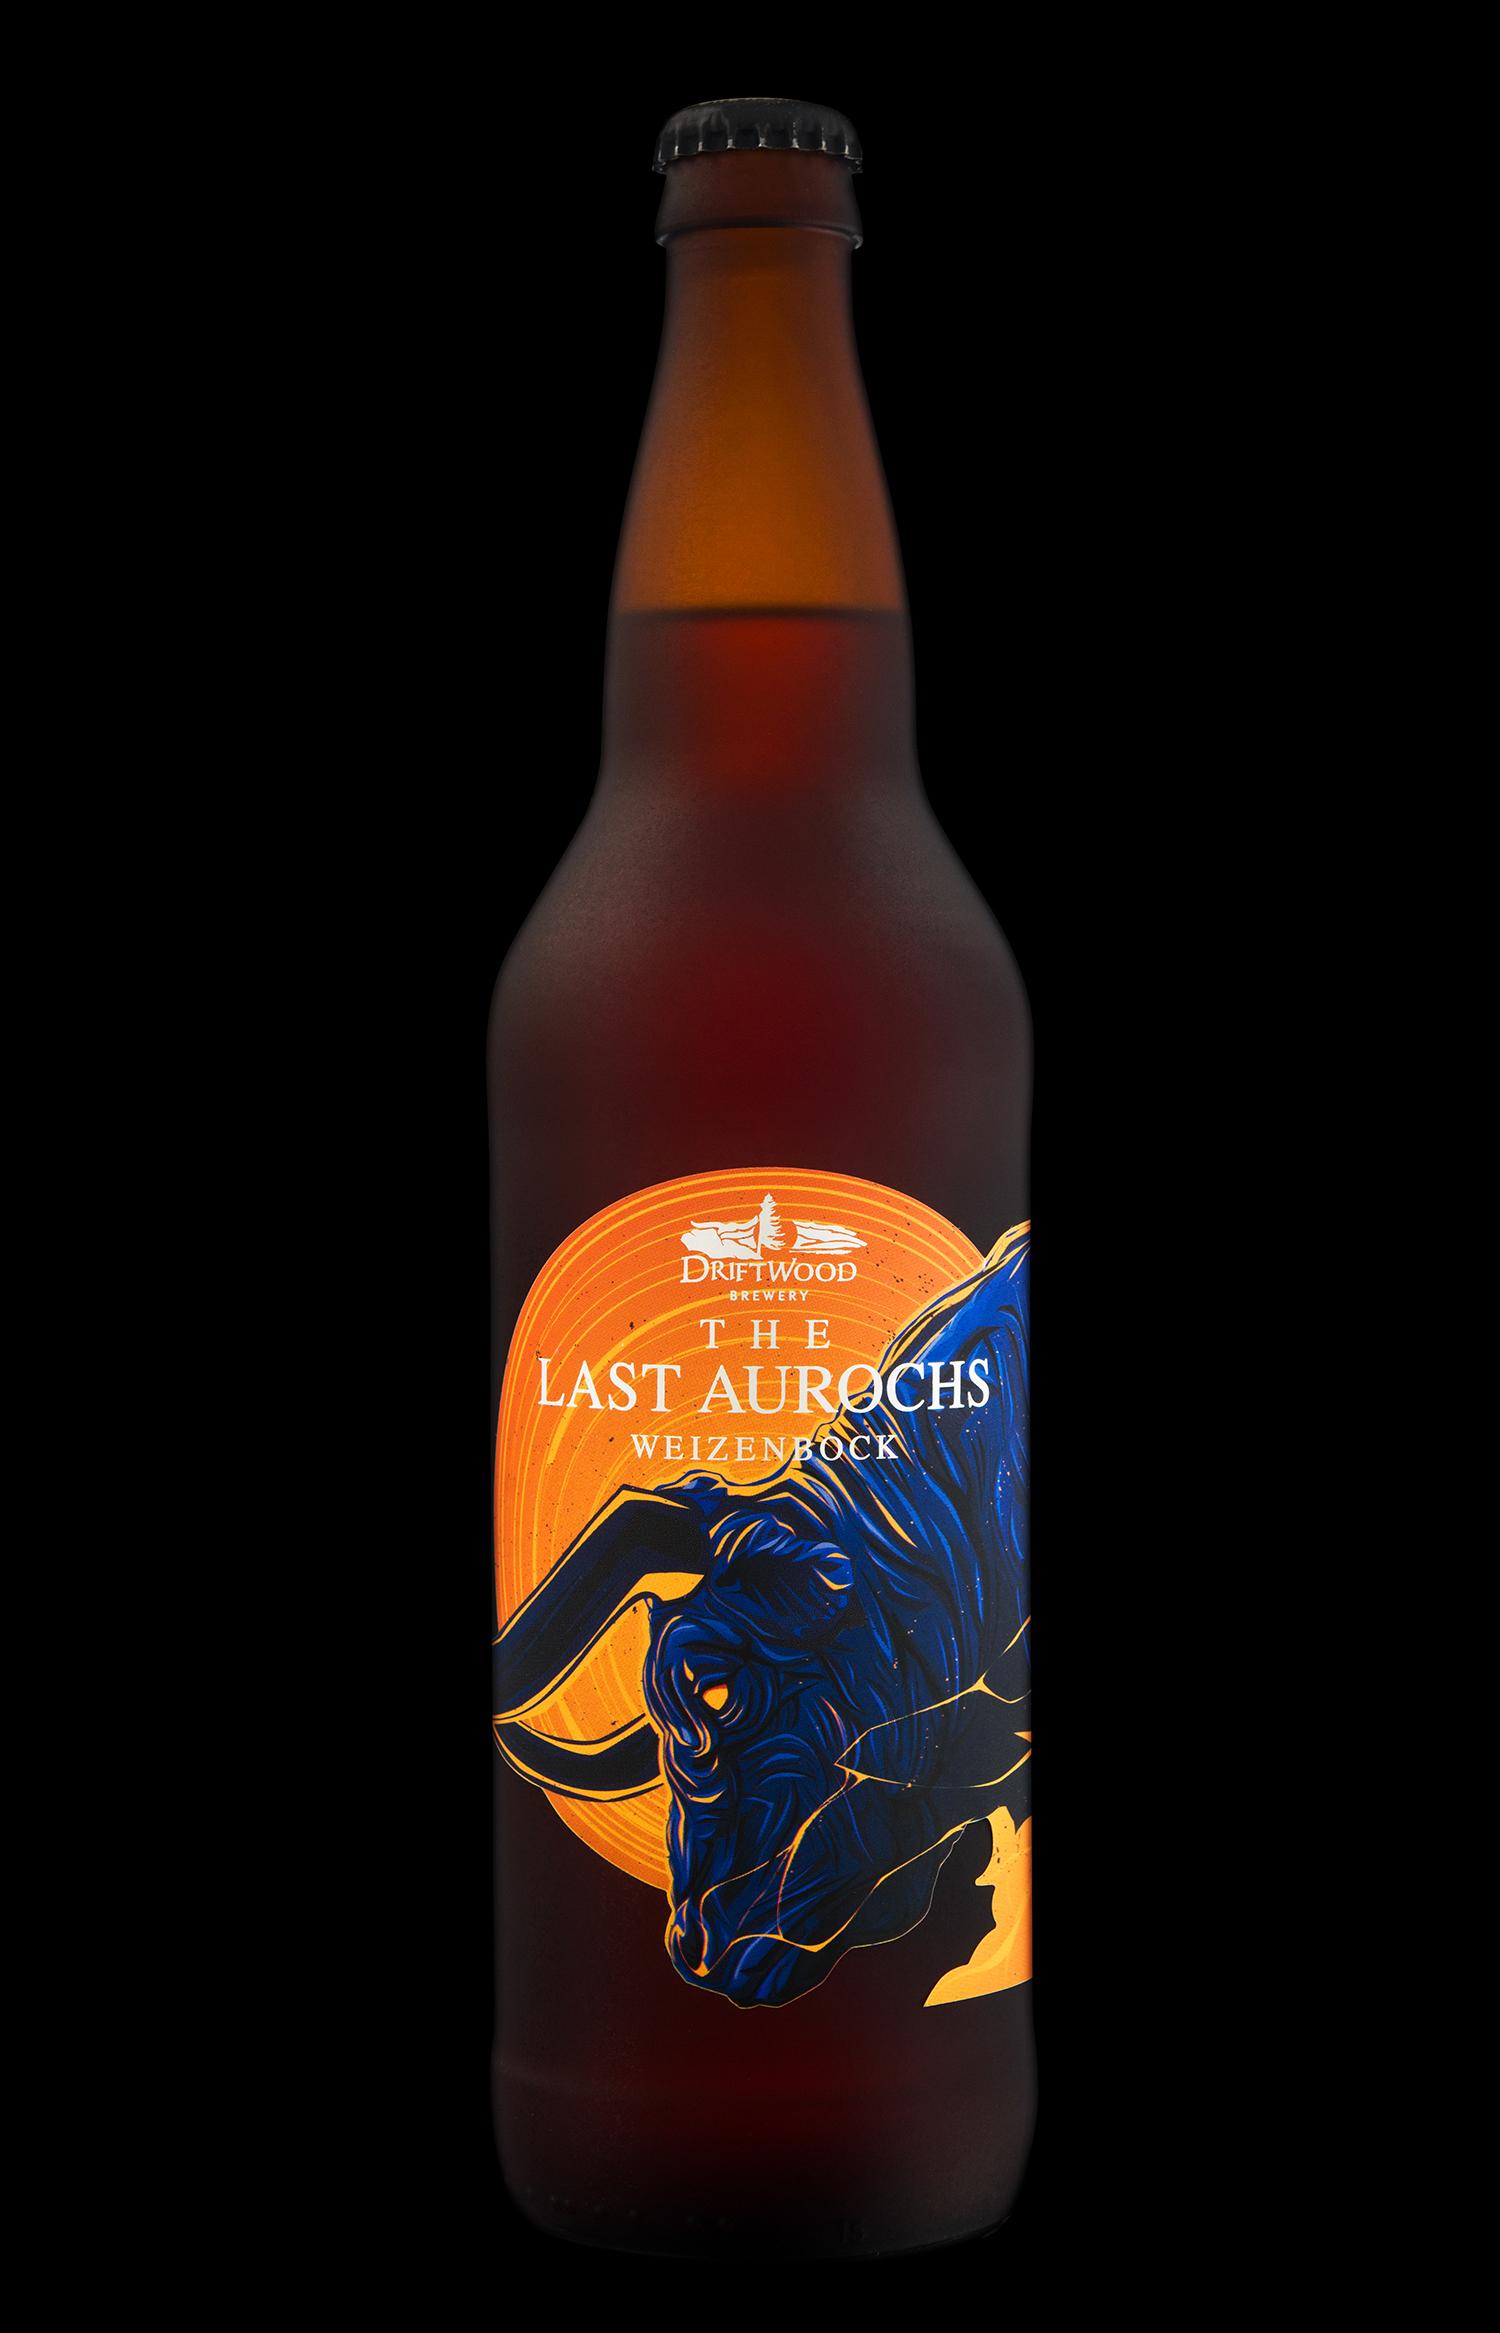 Packaging Design for Driftwood Brewery's Last Aurochs Weizenbock